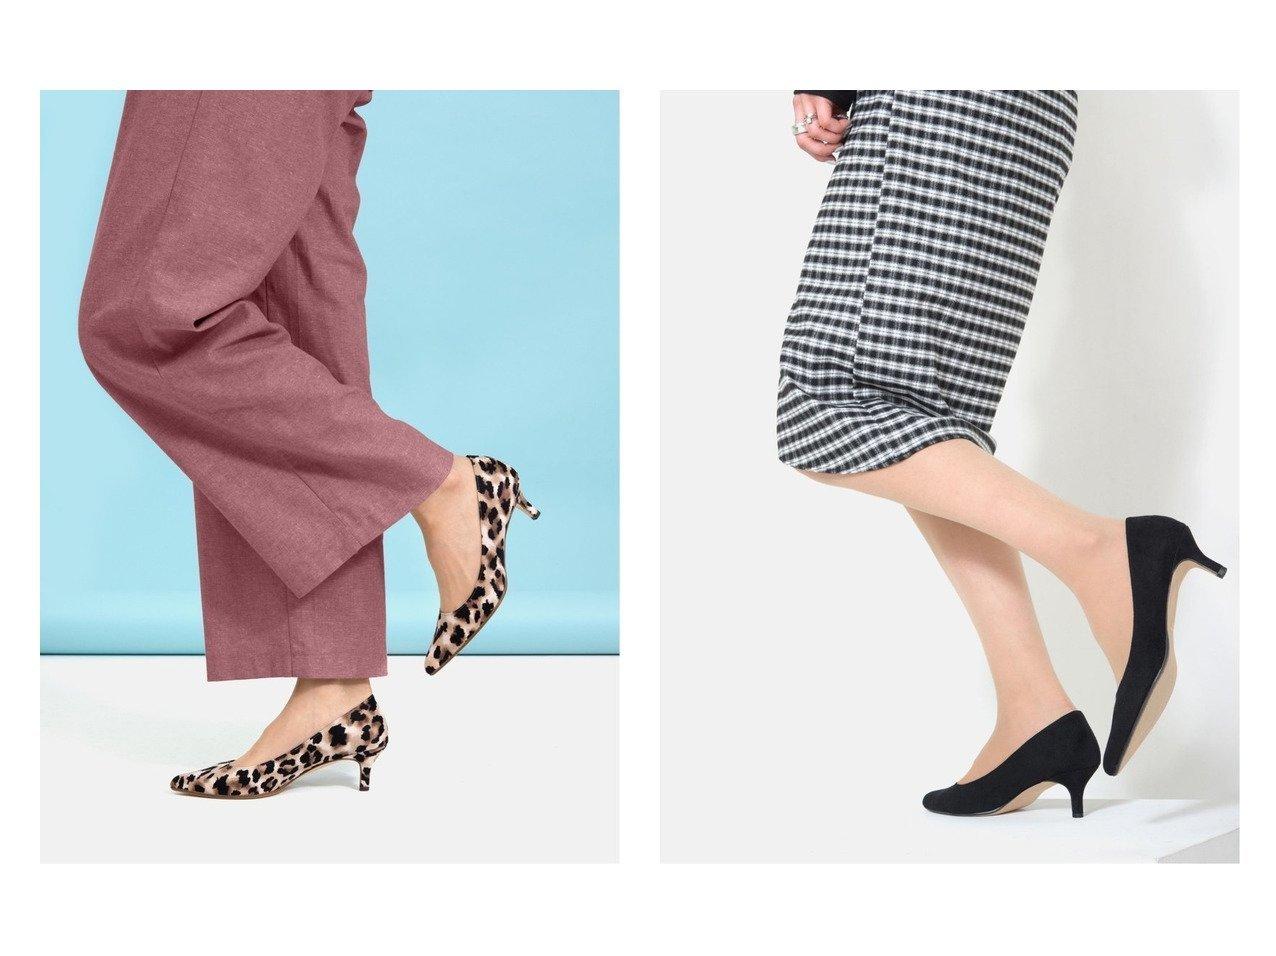 【MAMIAN/マミアン】の【iCoN】5cmヒールポインテッドトゥパンプス シューズ・靴のおすすめ!人気、トレンド・レディースファッションの通販 おすすめで人気の流行・トレンド、ファッションの通販商品 メンズファッション・キッズファッション・インテリア・家具・レディースファッション・服の通販 founy(ファニー) https://founy.com/ ファッション Fashion レディースファッション WOMEN クッション ケミカル シューズ スエード ハイヒール フィット メッシュ リアル 再入荷 Restock/Back in Stock/Re Arrival NEW・新作・新着・新入荷 New Arrivals  ID:crp329100000023929